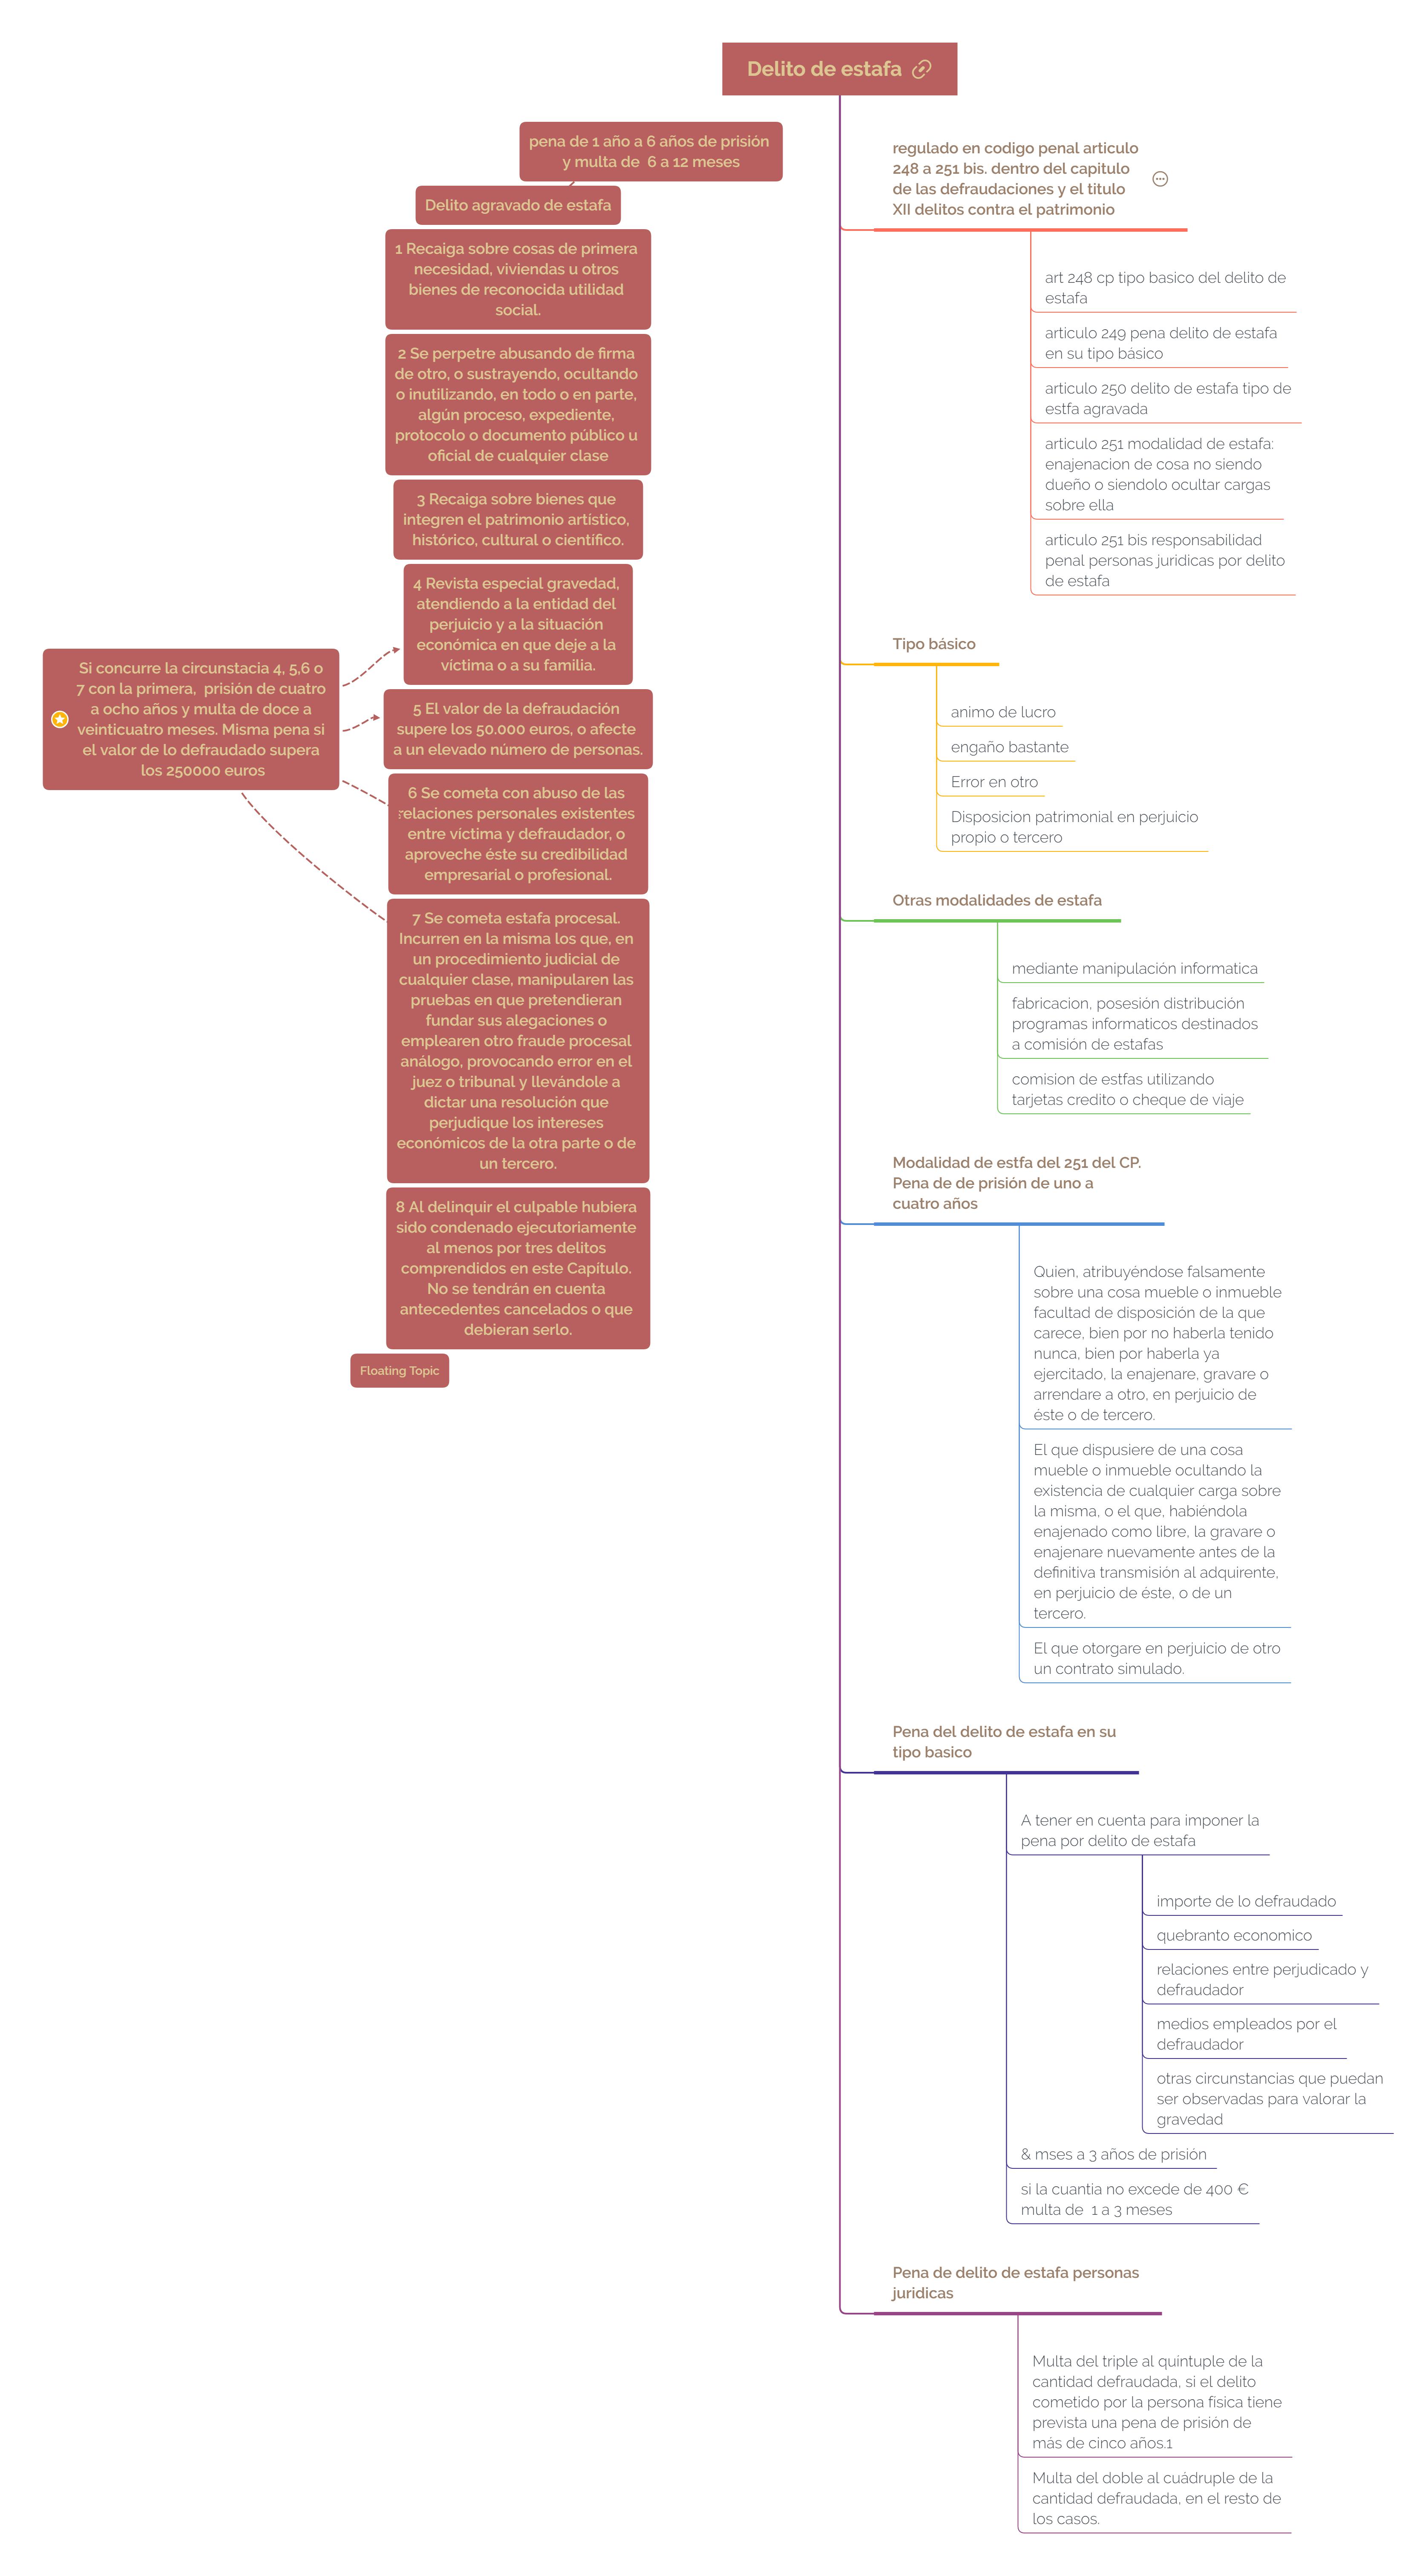 infografia esquema de el delito de estafa